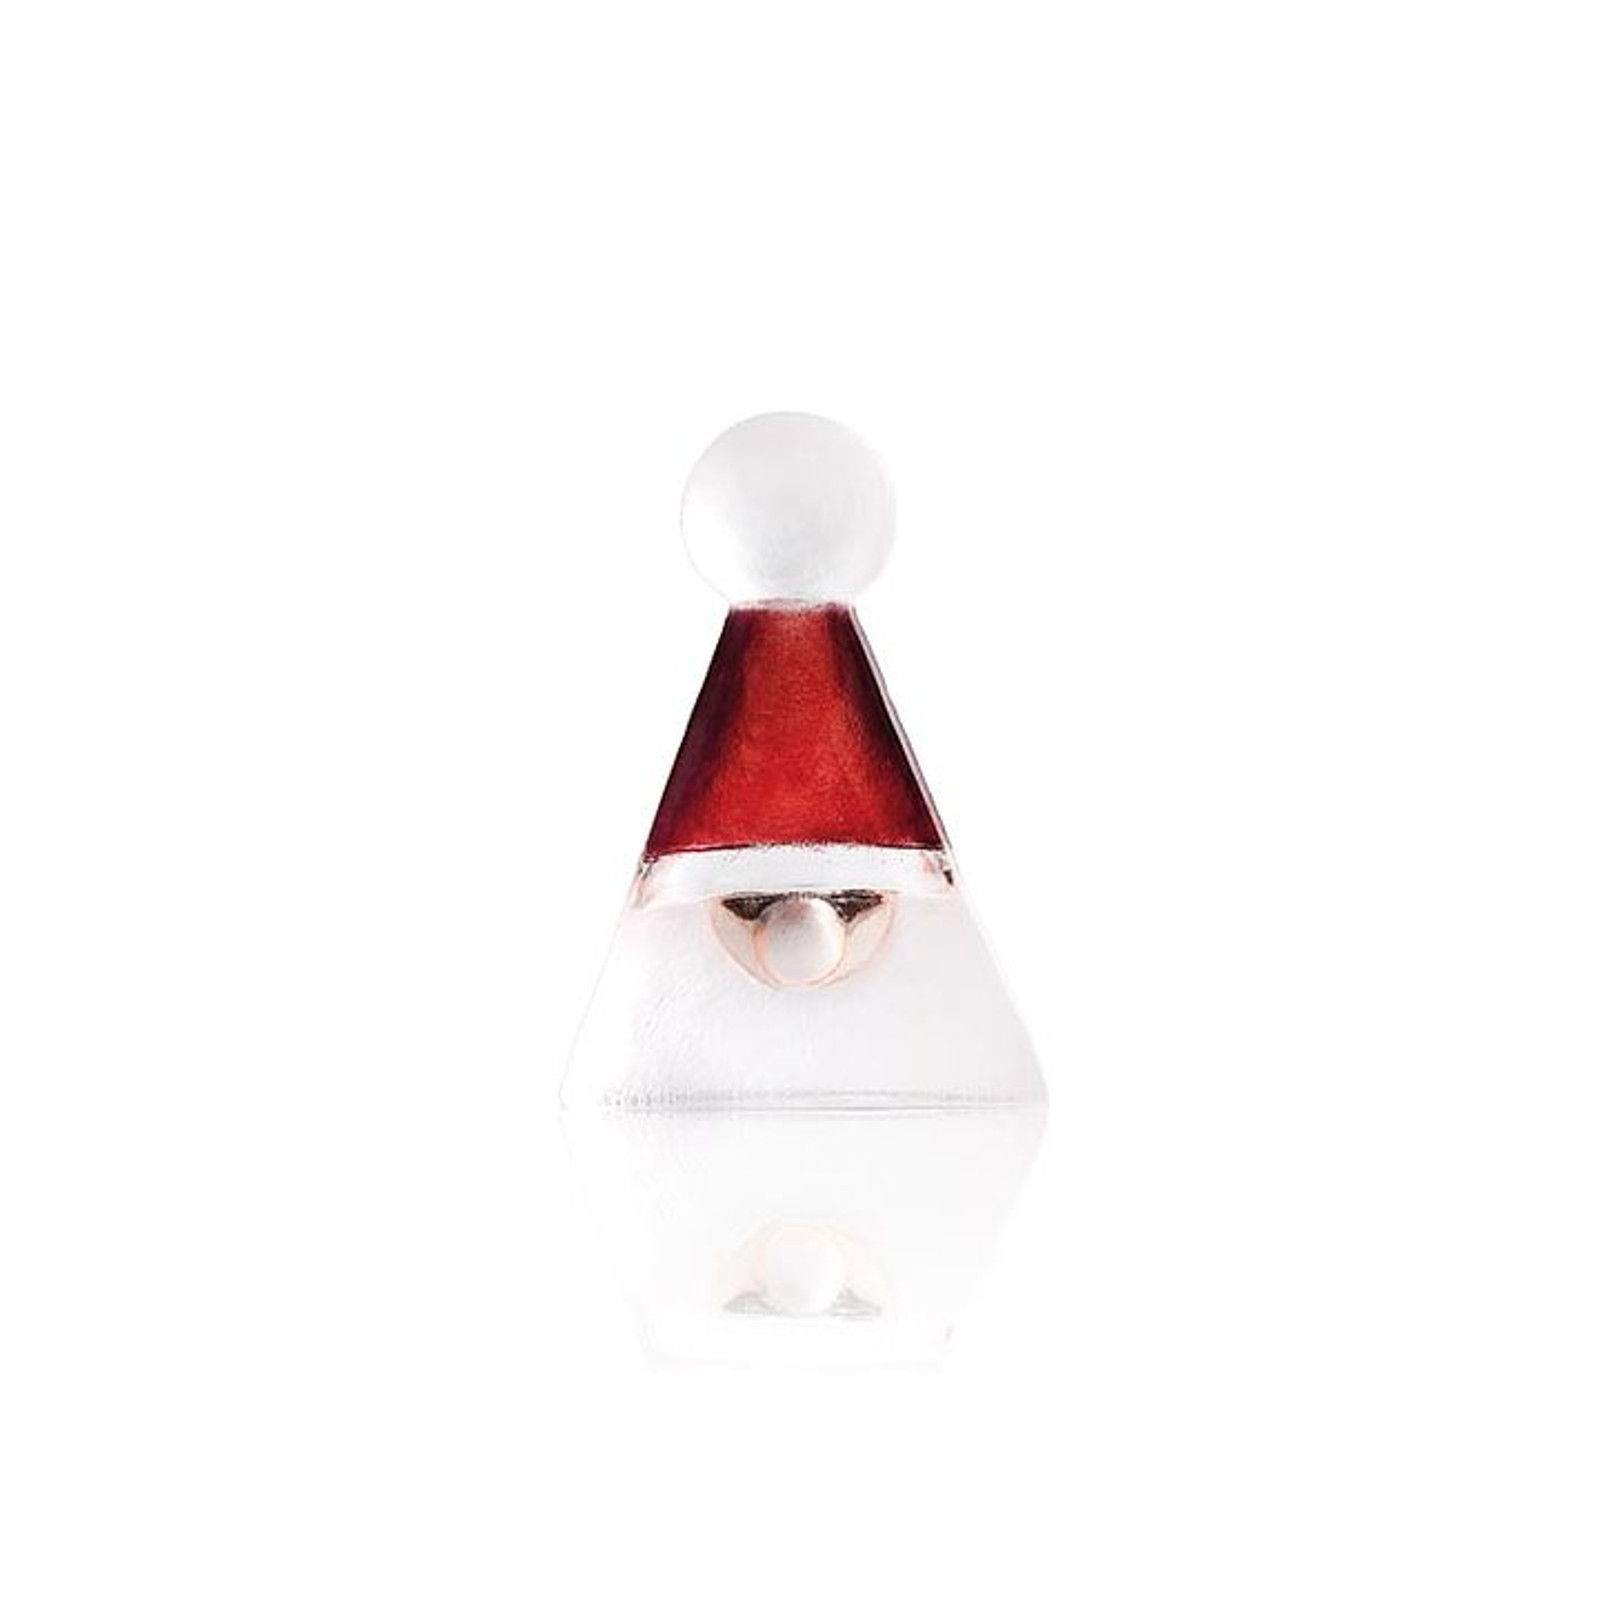 Mats Jonasson - Tomte - Santa - Miniature (M88205)